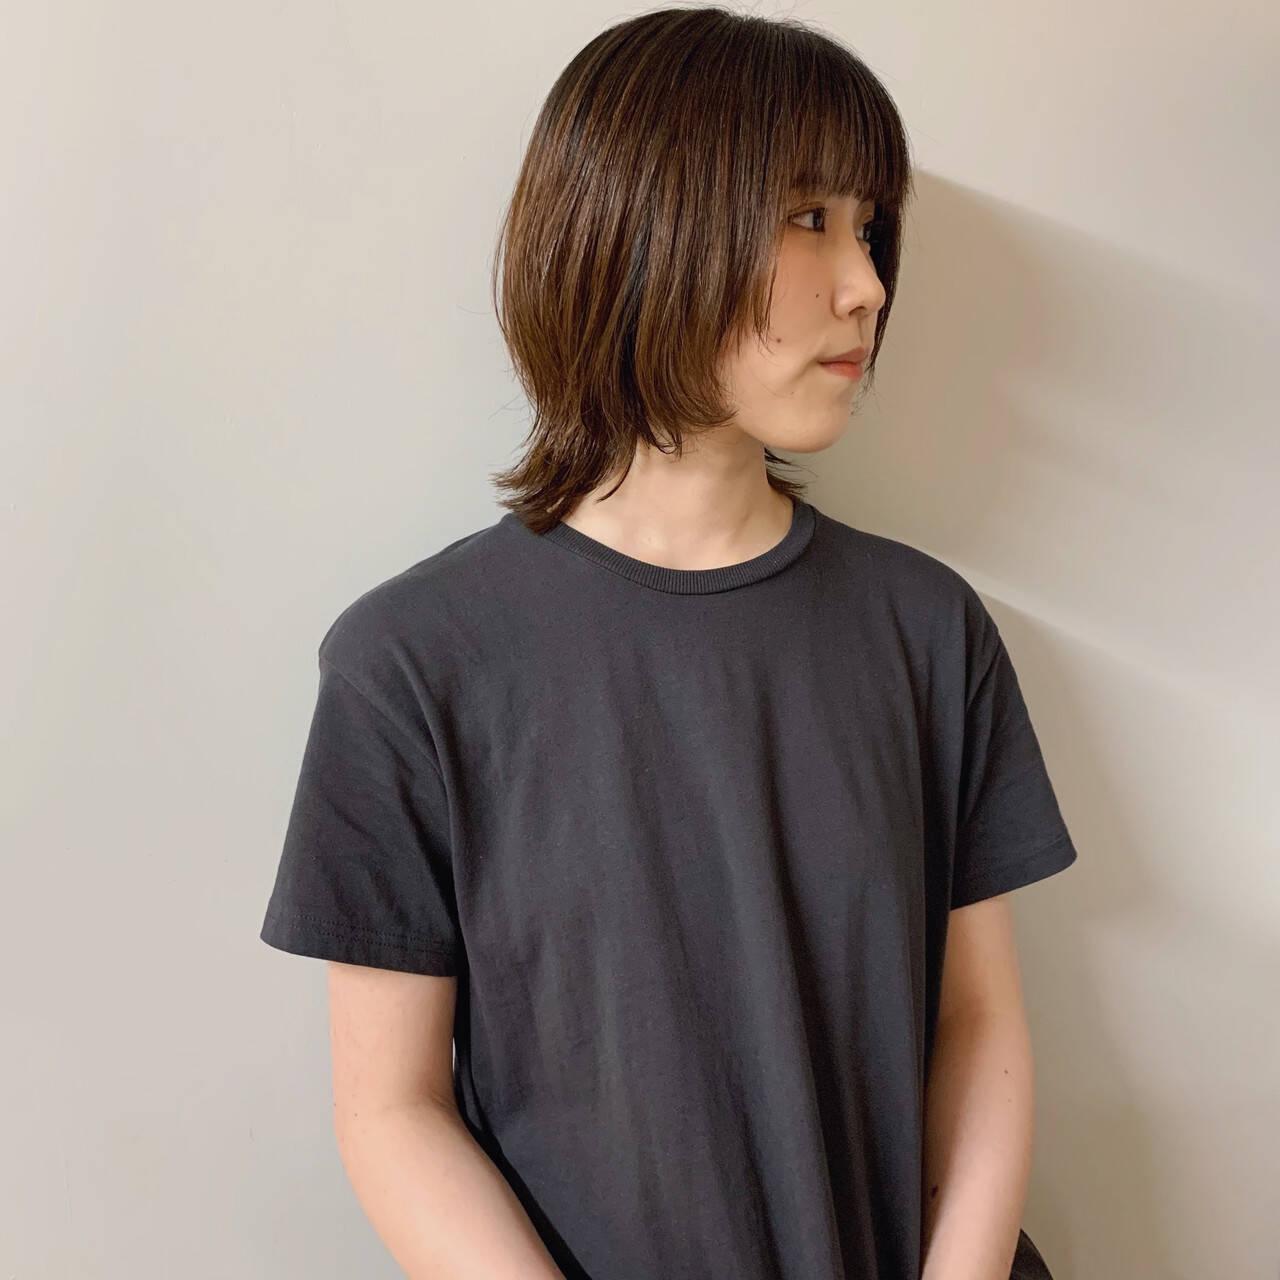 ミディアムヘアー ライフスタイル ナチュラル ウルフカットヘアスタイルや髪型の写真・画像